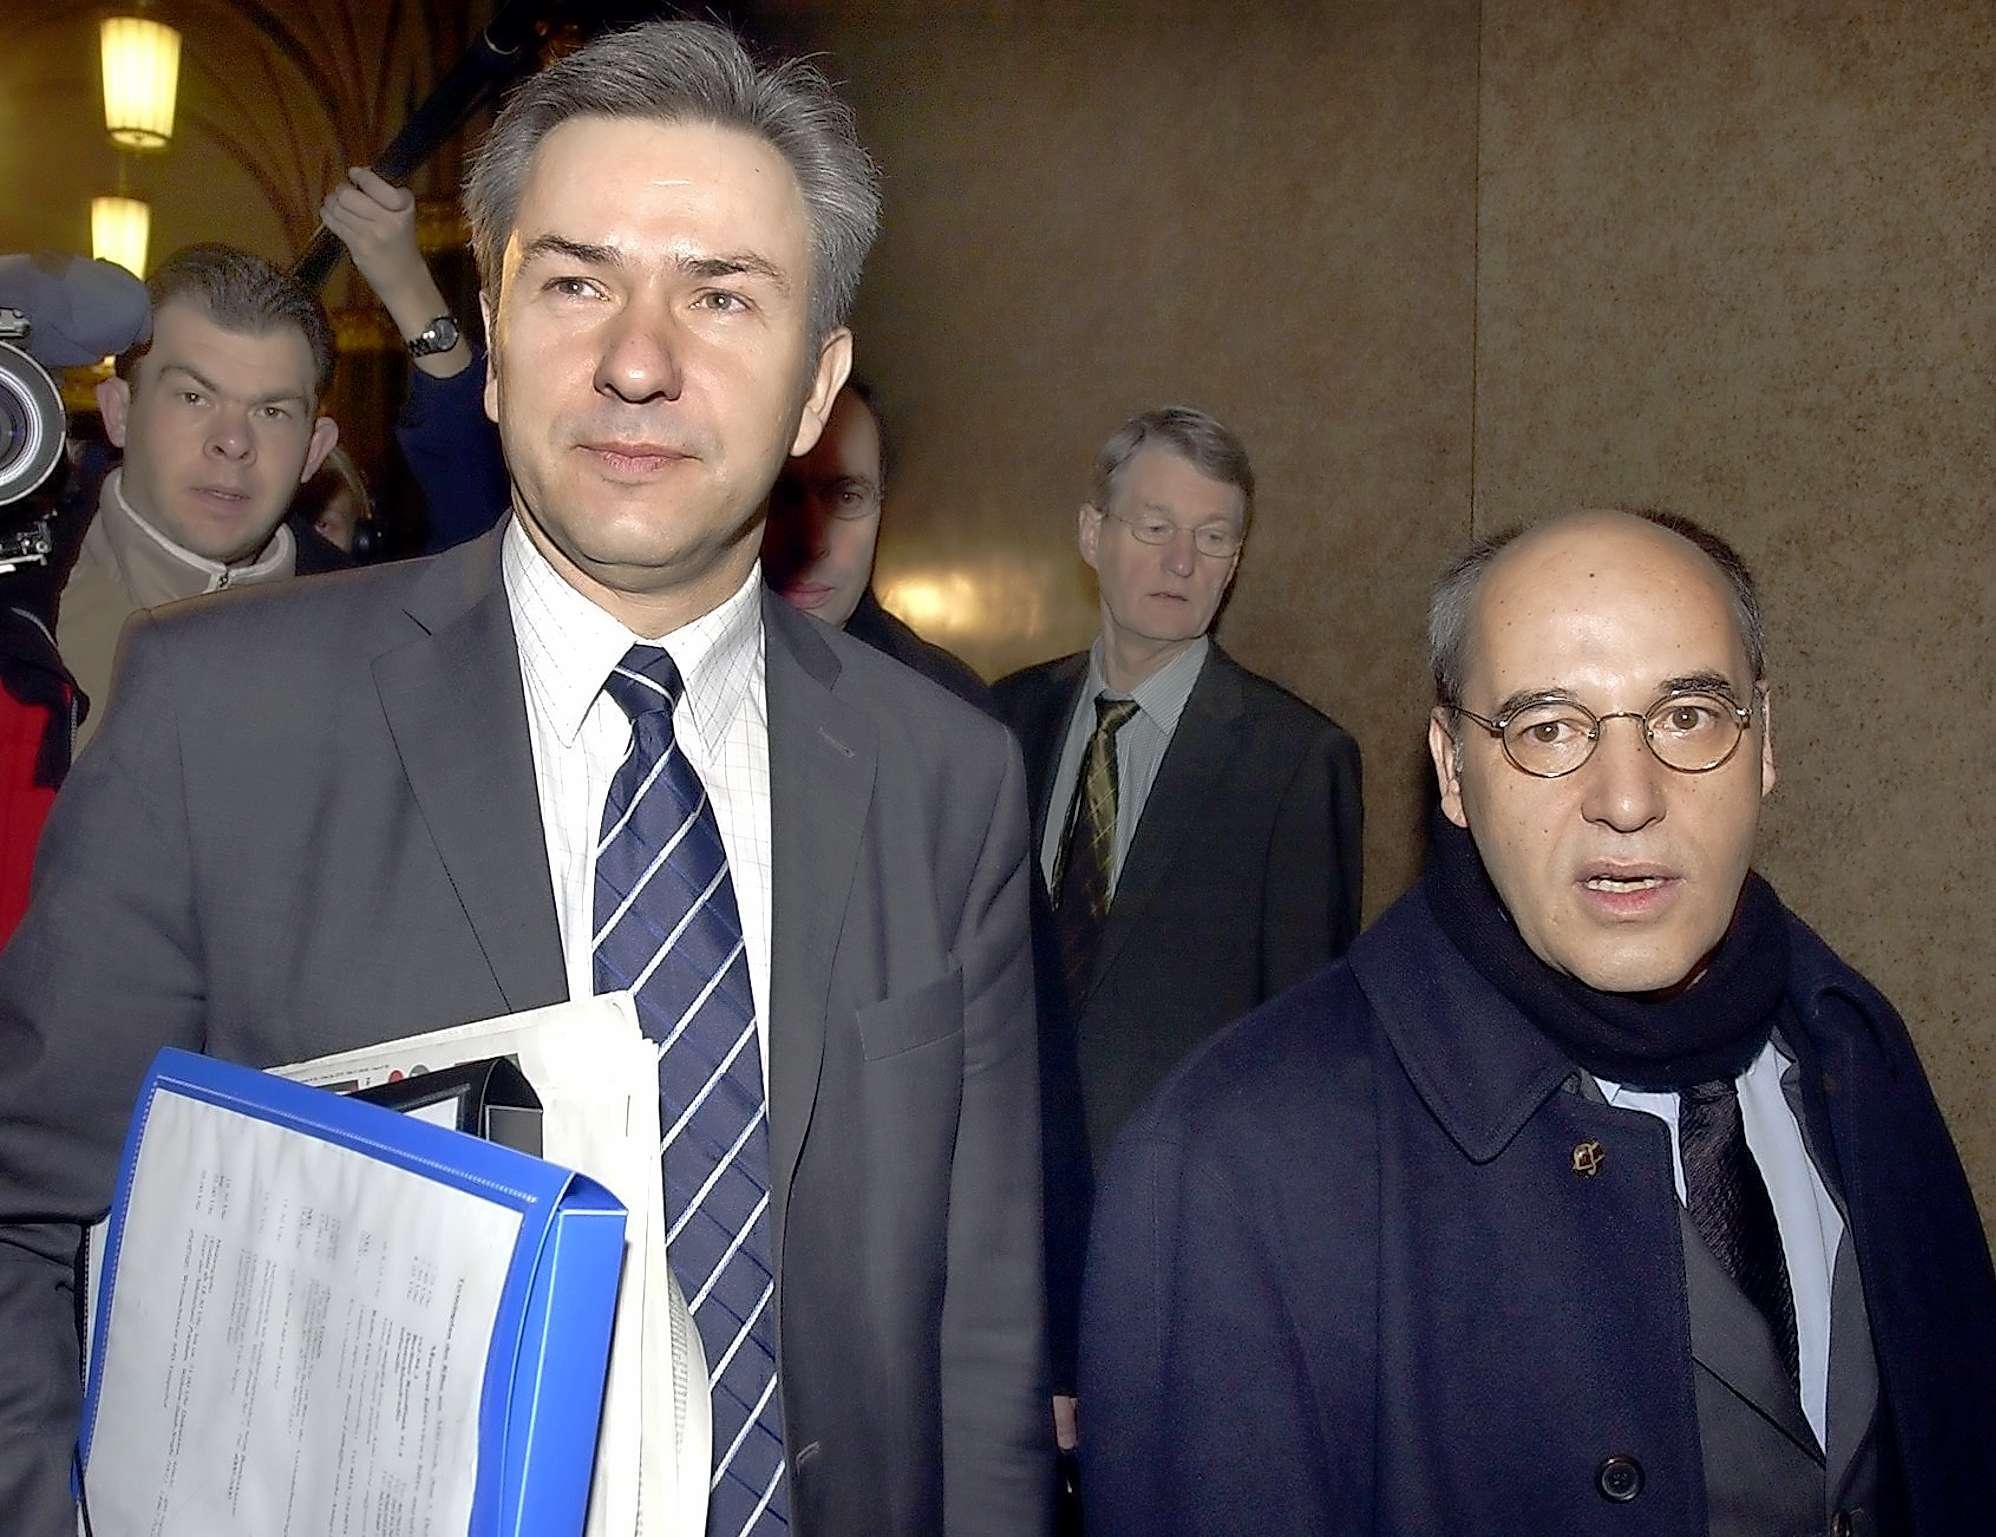 У 2002 році ПДС увійшла в так звану червоно-червону земельну коаліцію в Берліні на чолі із соціал-демократами. Результати цього вкрай суперечливі. Перший урядовий досвід партії очорнило її долучення до приватизації міської інфраструктури.